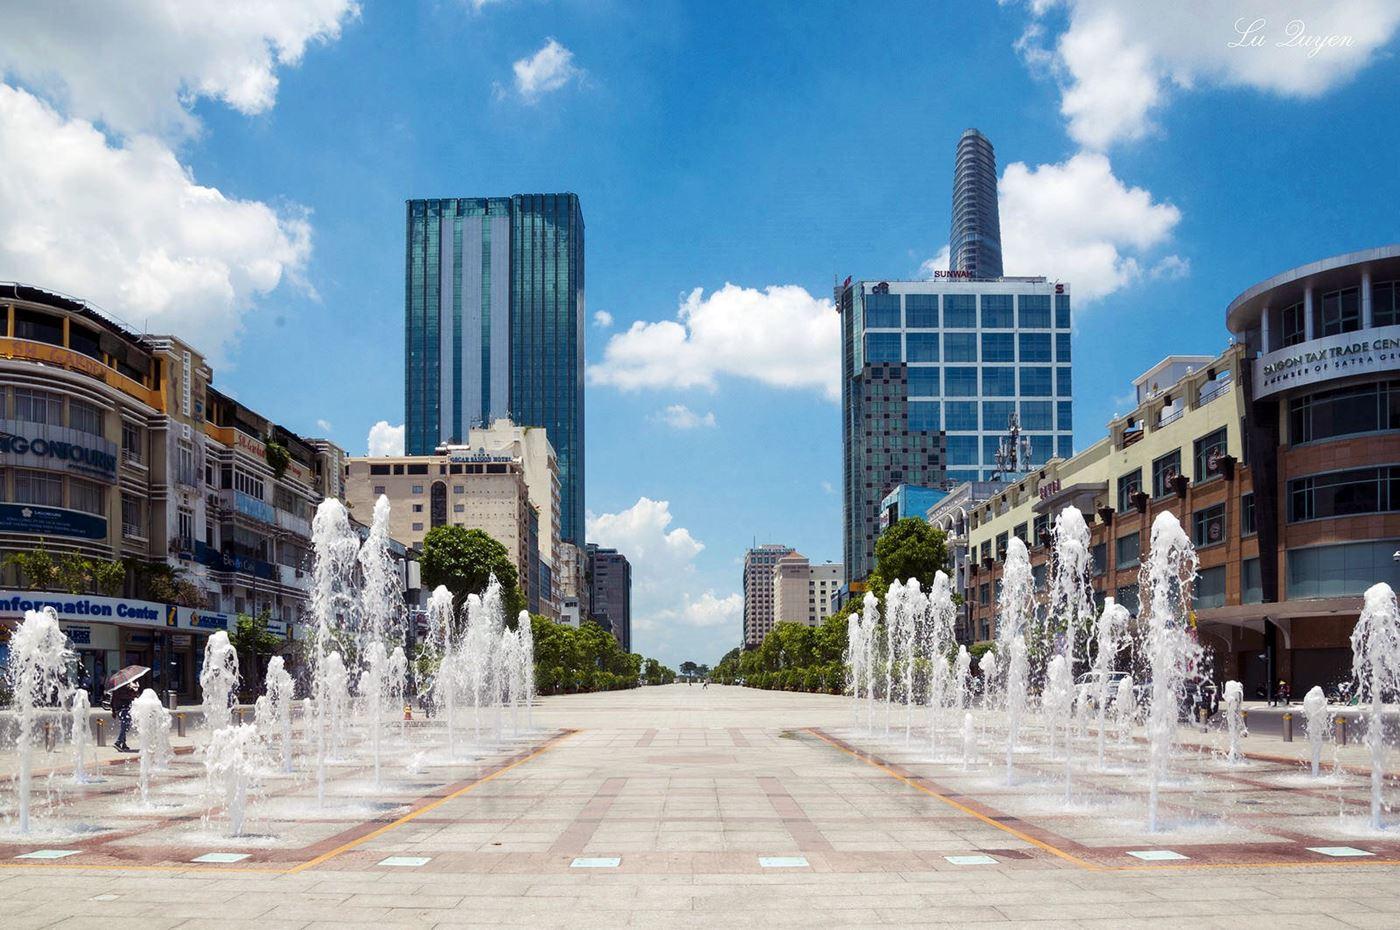 VLOOK.VN - Giá cao ốc văn phòng cho thuê gần phố đi bộ Nguyễn Huệ tăng mạnh